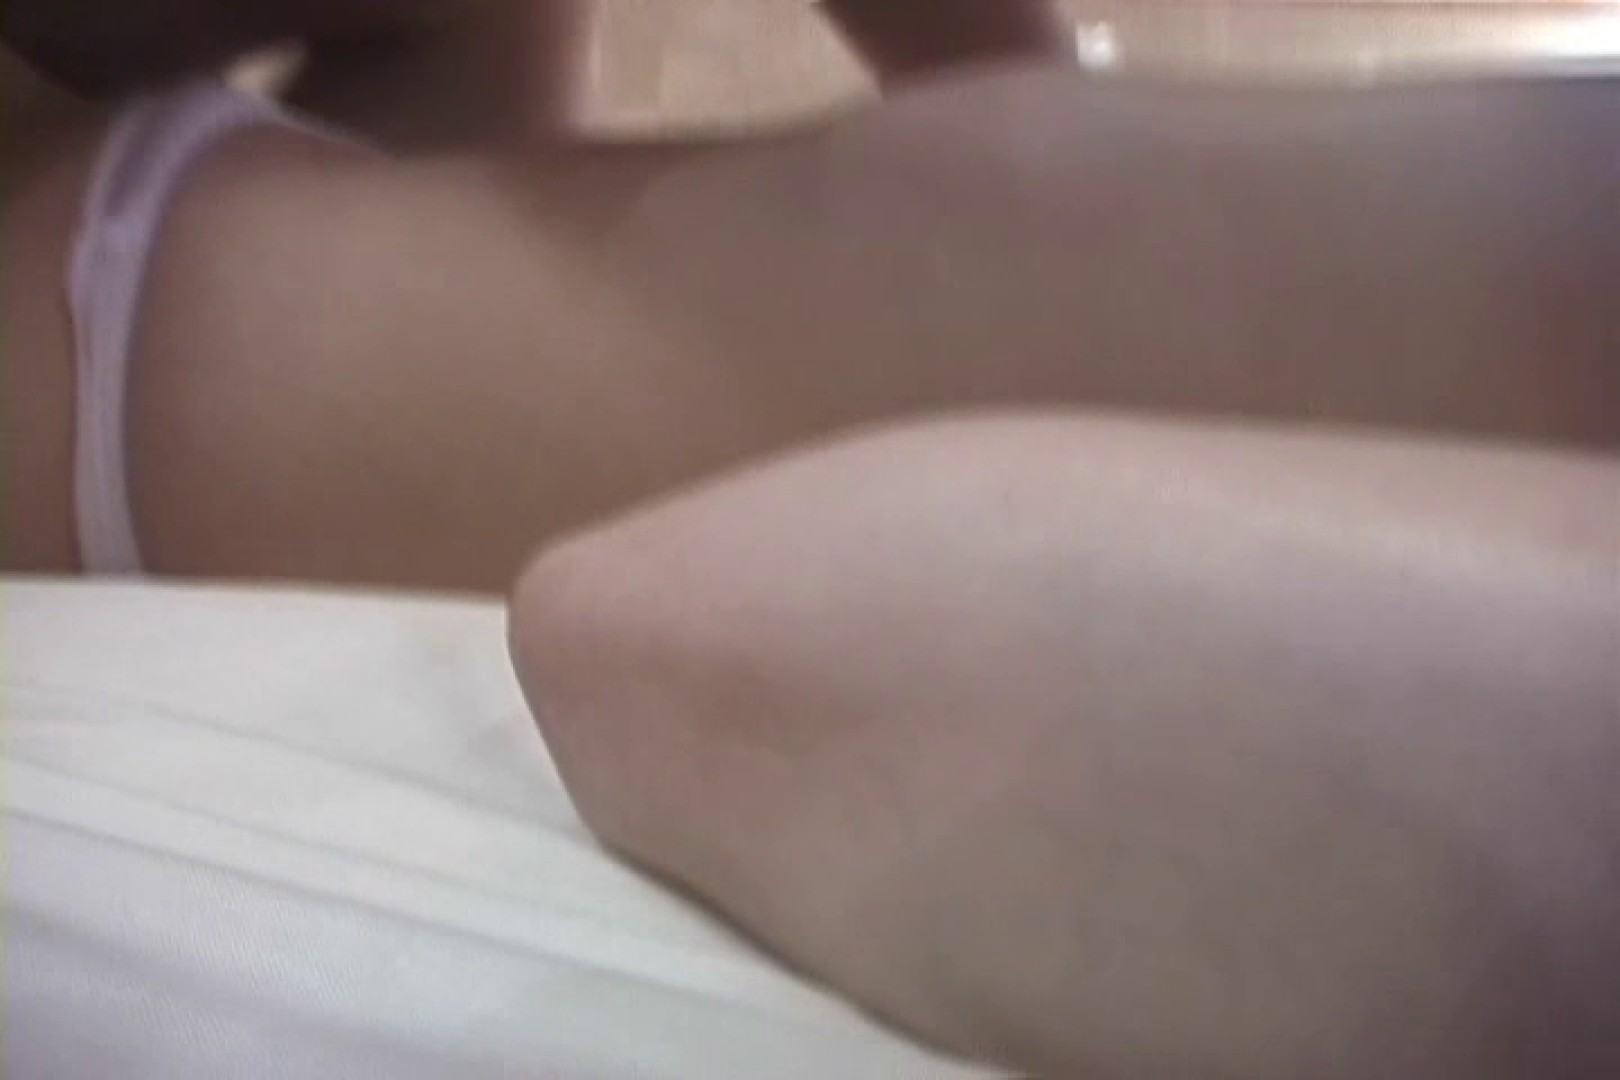 若人妻は静かに濡れる~藤本あずさ~ エッチな熟女 | エッチな人妻  64pic 25